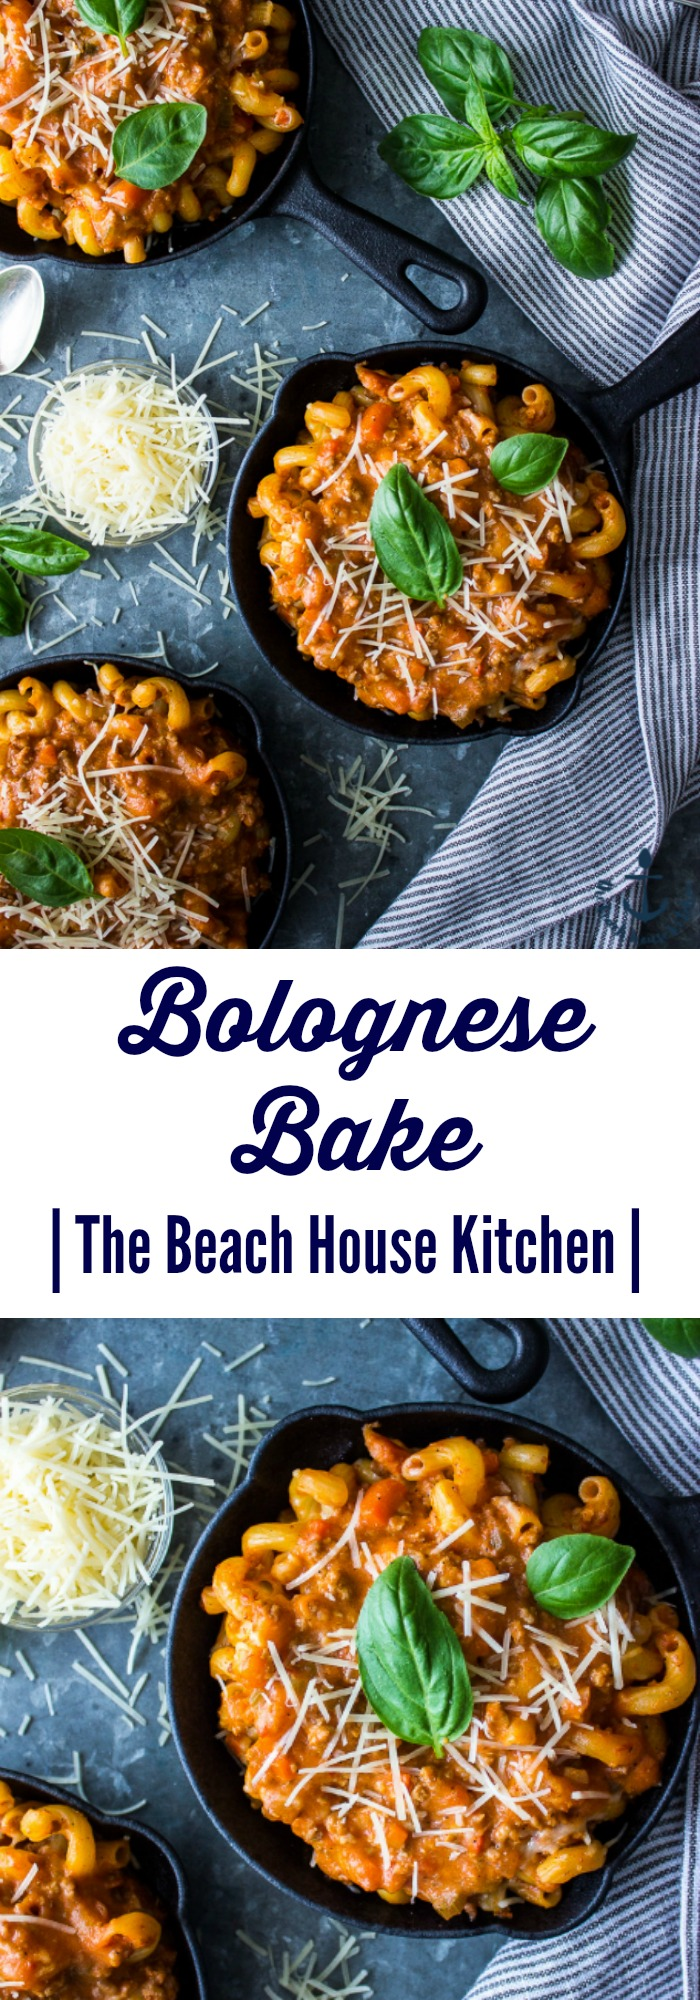 Bolognese Bake